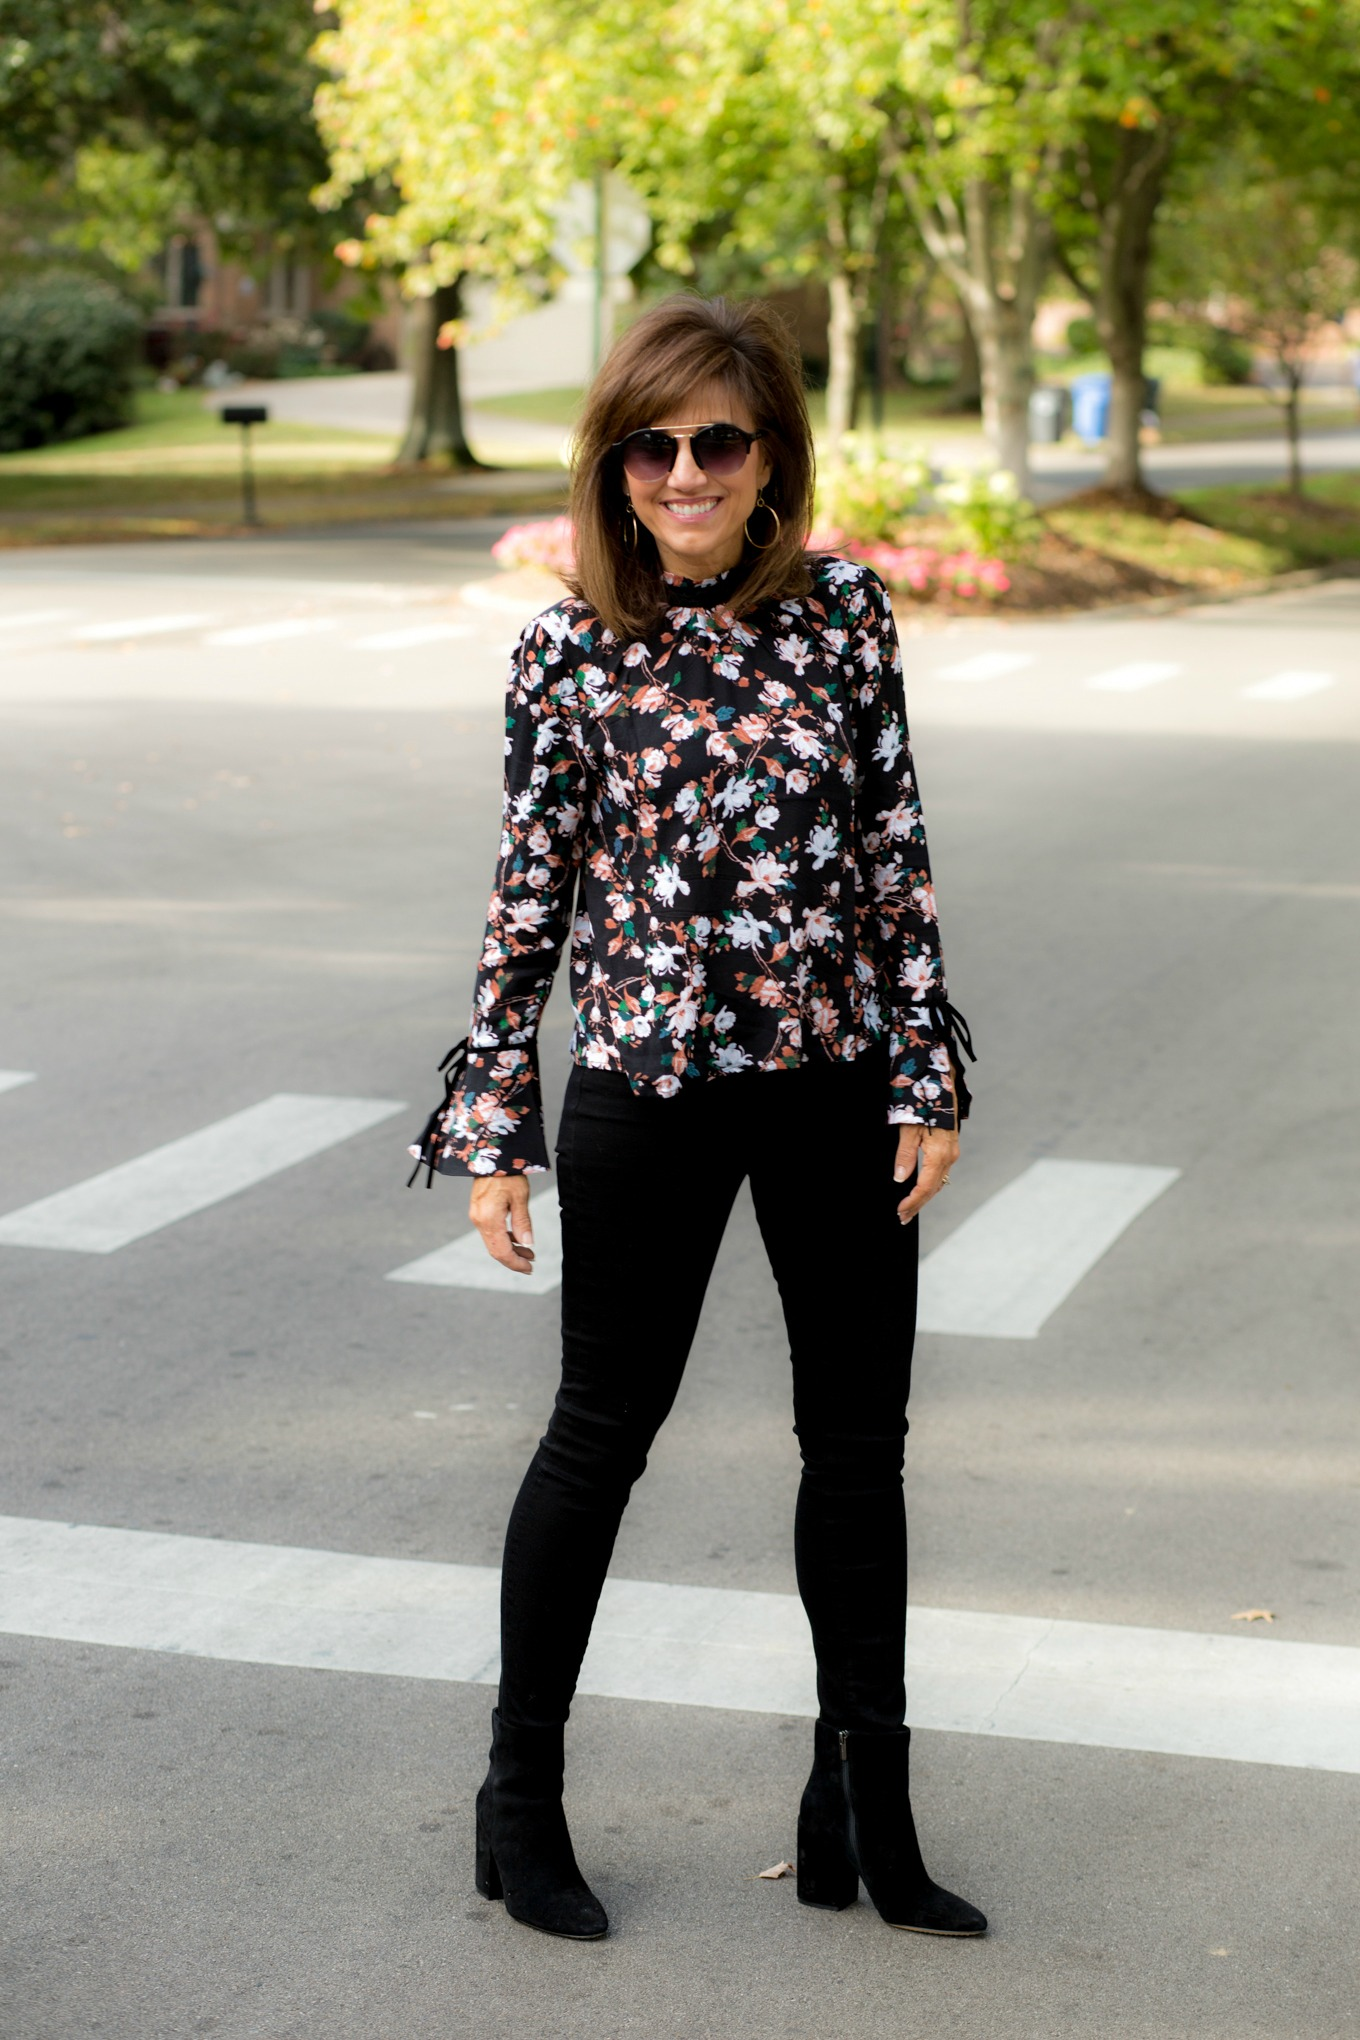 Floral Blouse + Black Jeans